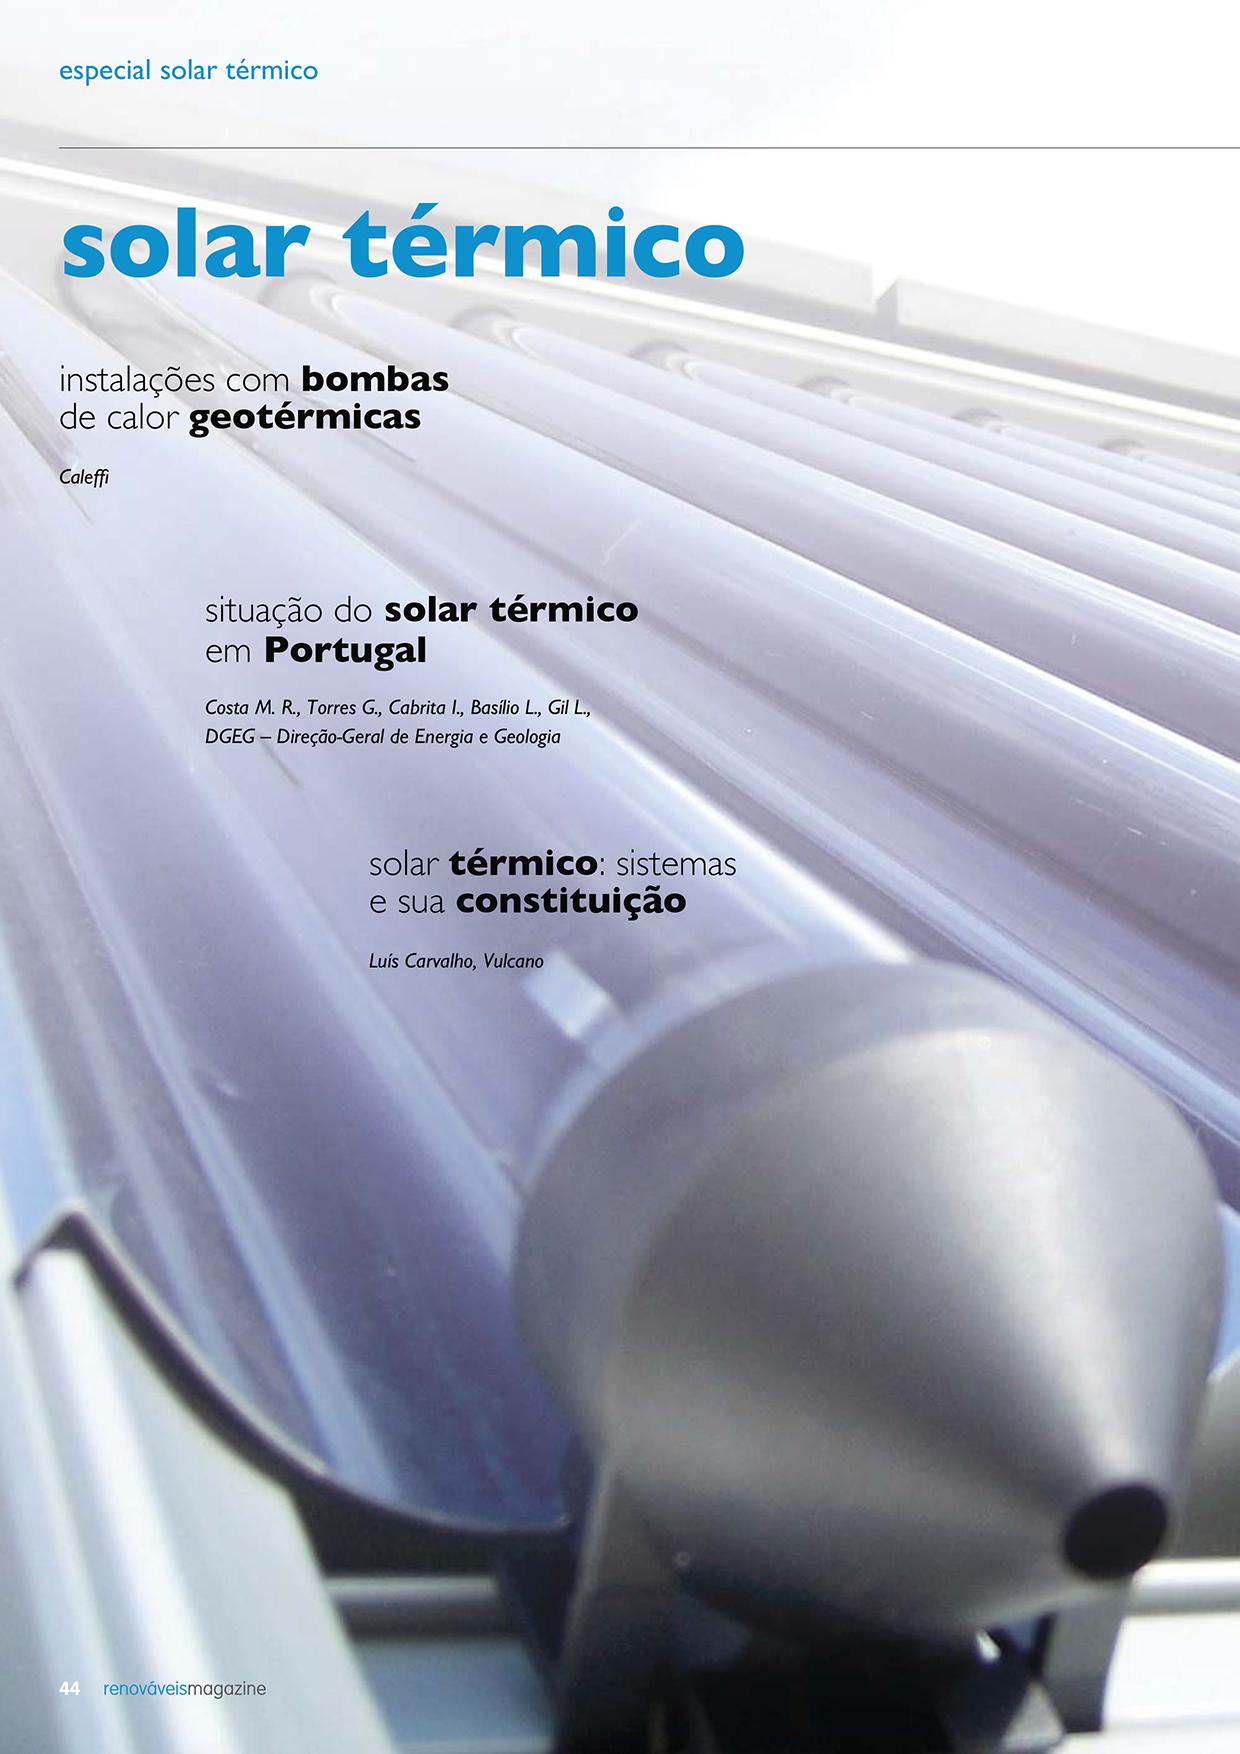 Dossier sobre Especial solar térmico